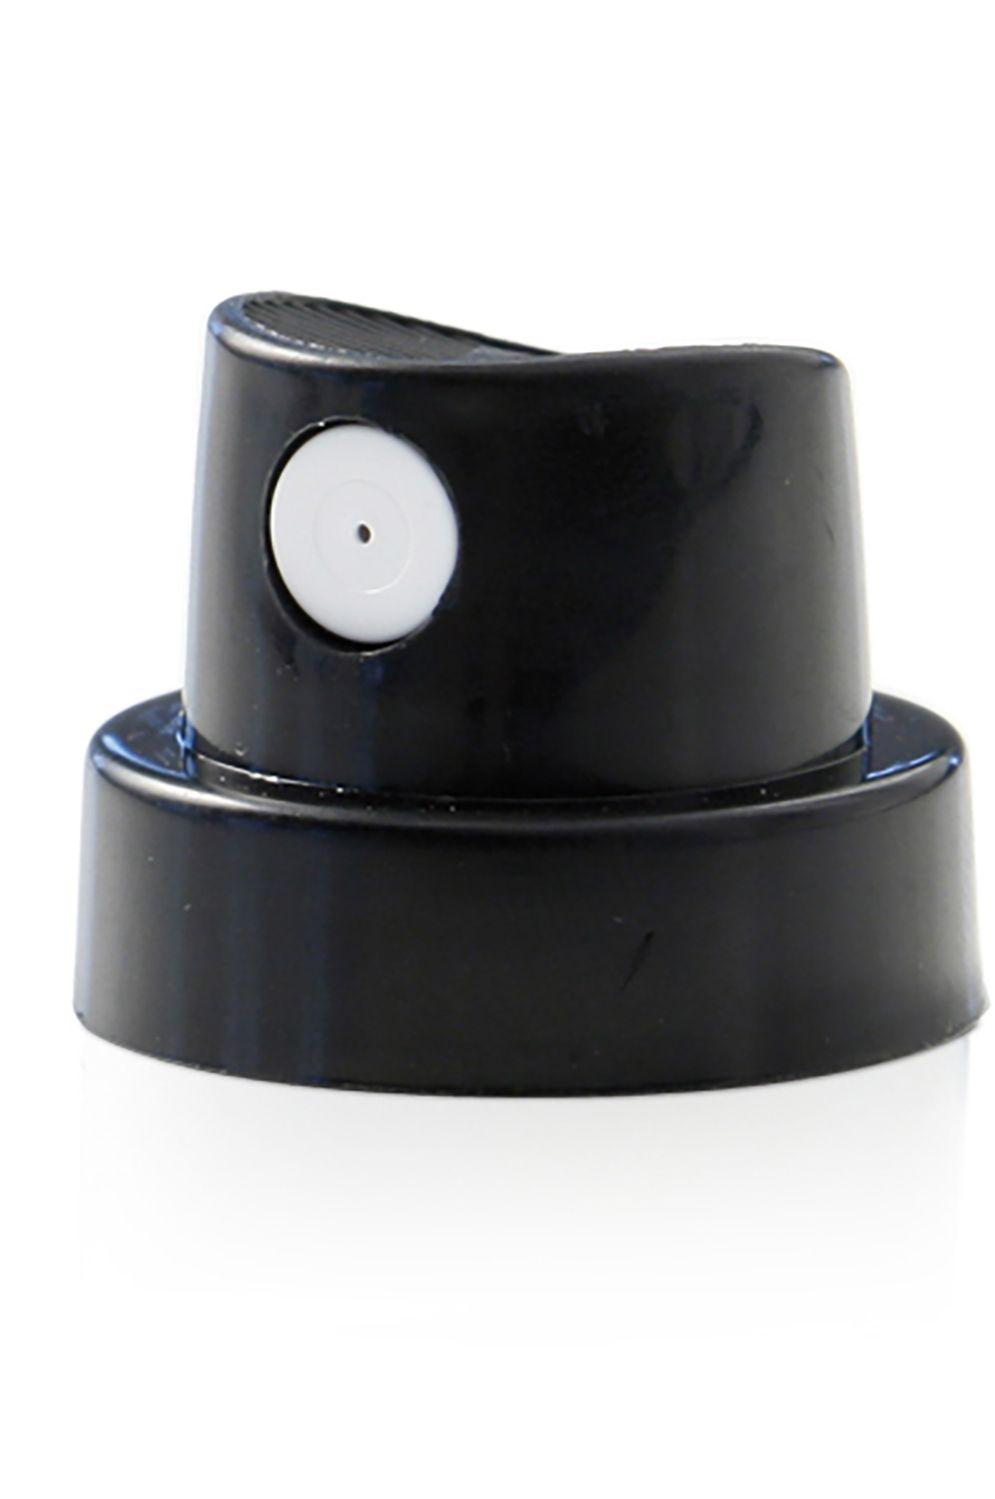 Difusores/Cap Spray Montana POCKET CAP Assorted